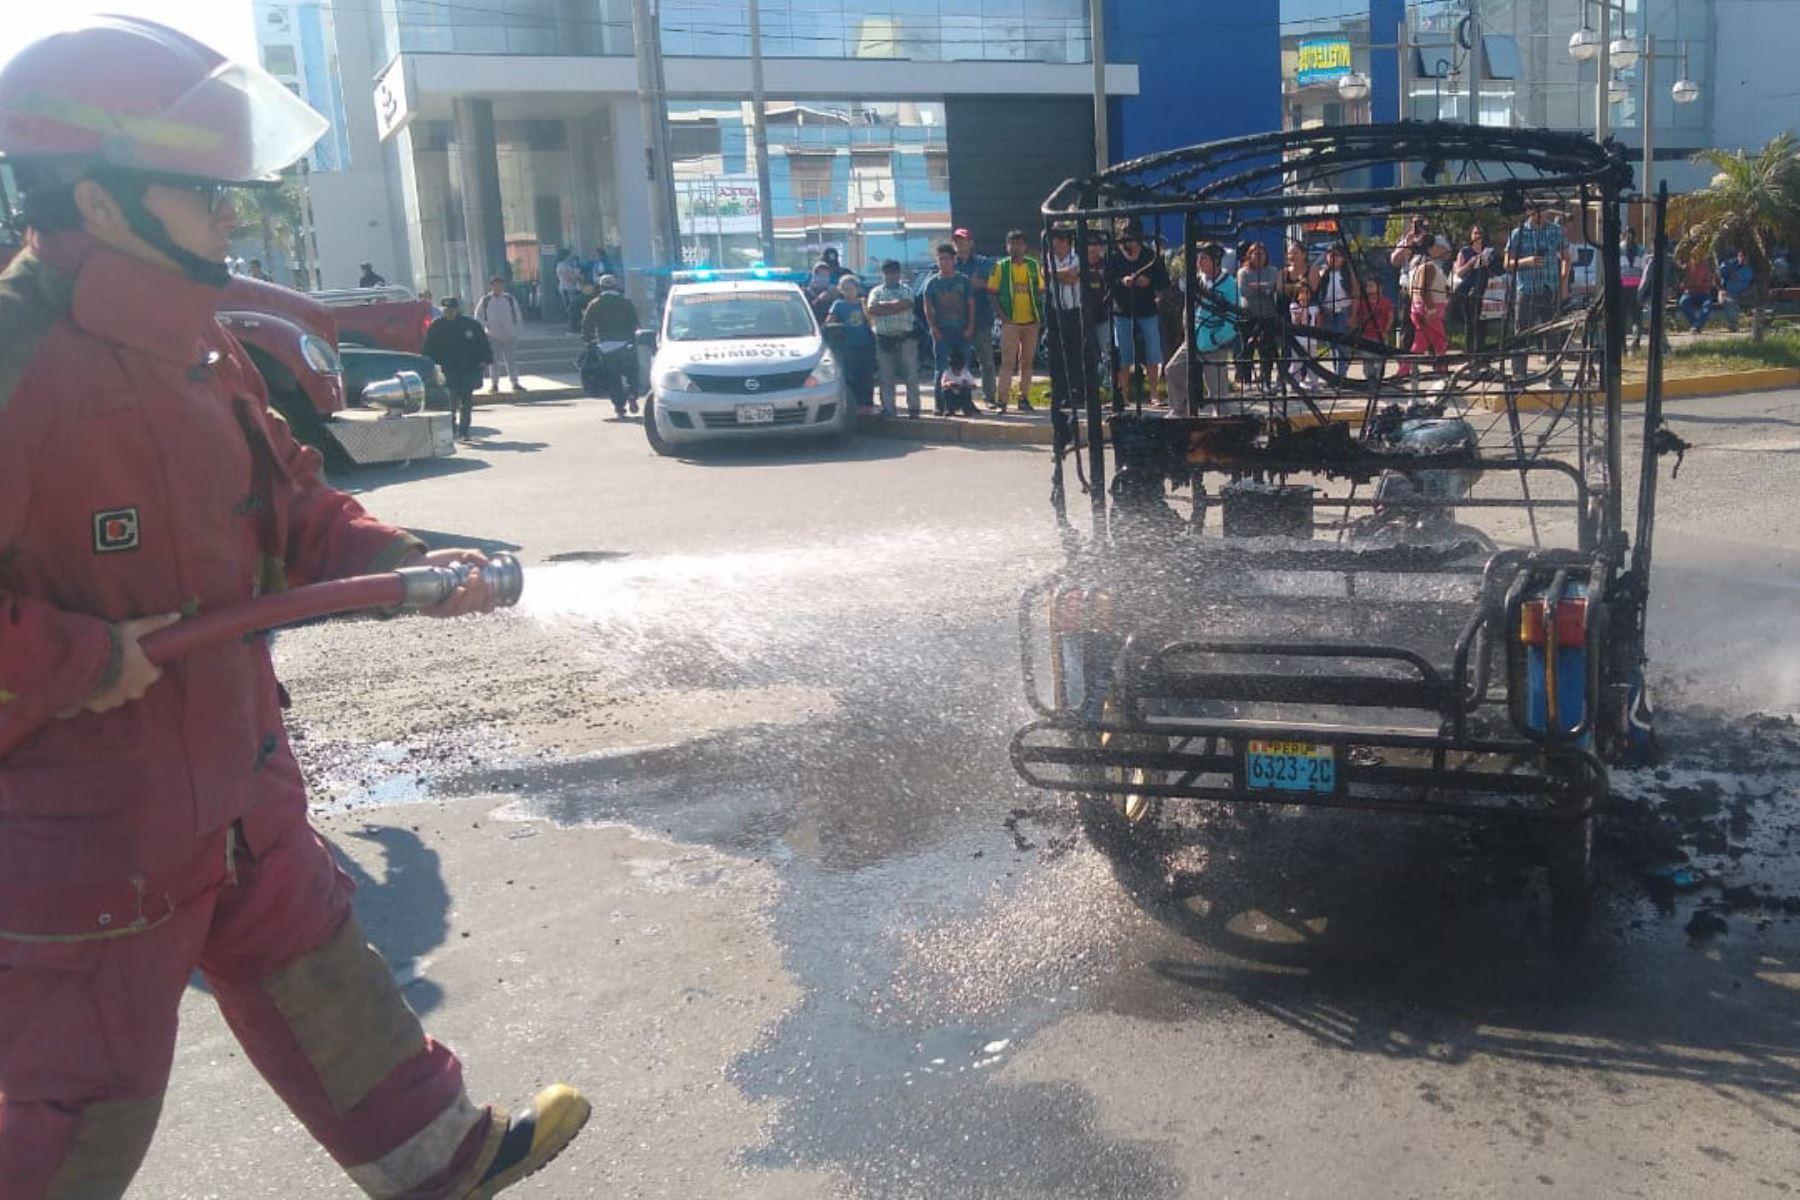 Bomberos y agentes de seguridad ciudadana sofocaron el incendio de un mototaxi a escasos metros de la plaza mayor del distrito de Nuevo Chimbote (Áncash). Foto: ANDINA/Gonzalo Horna